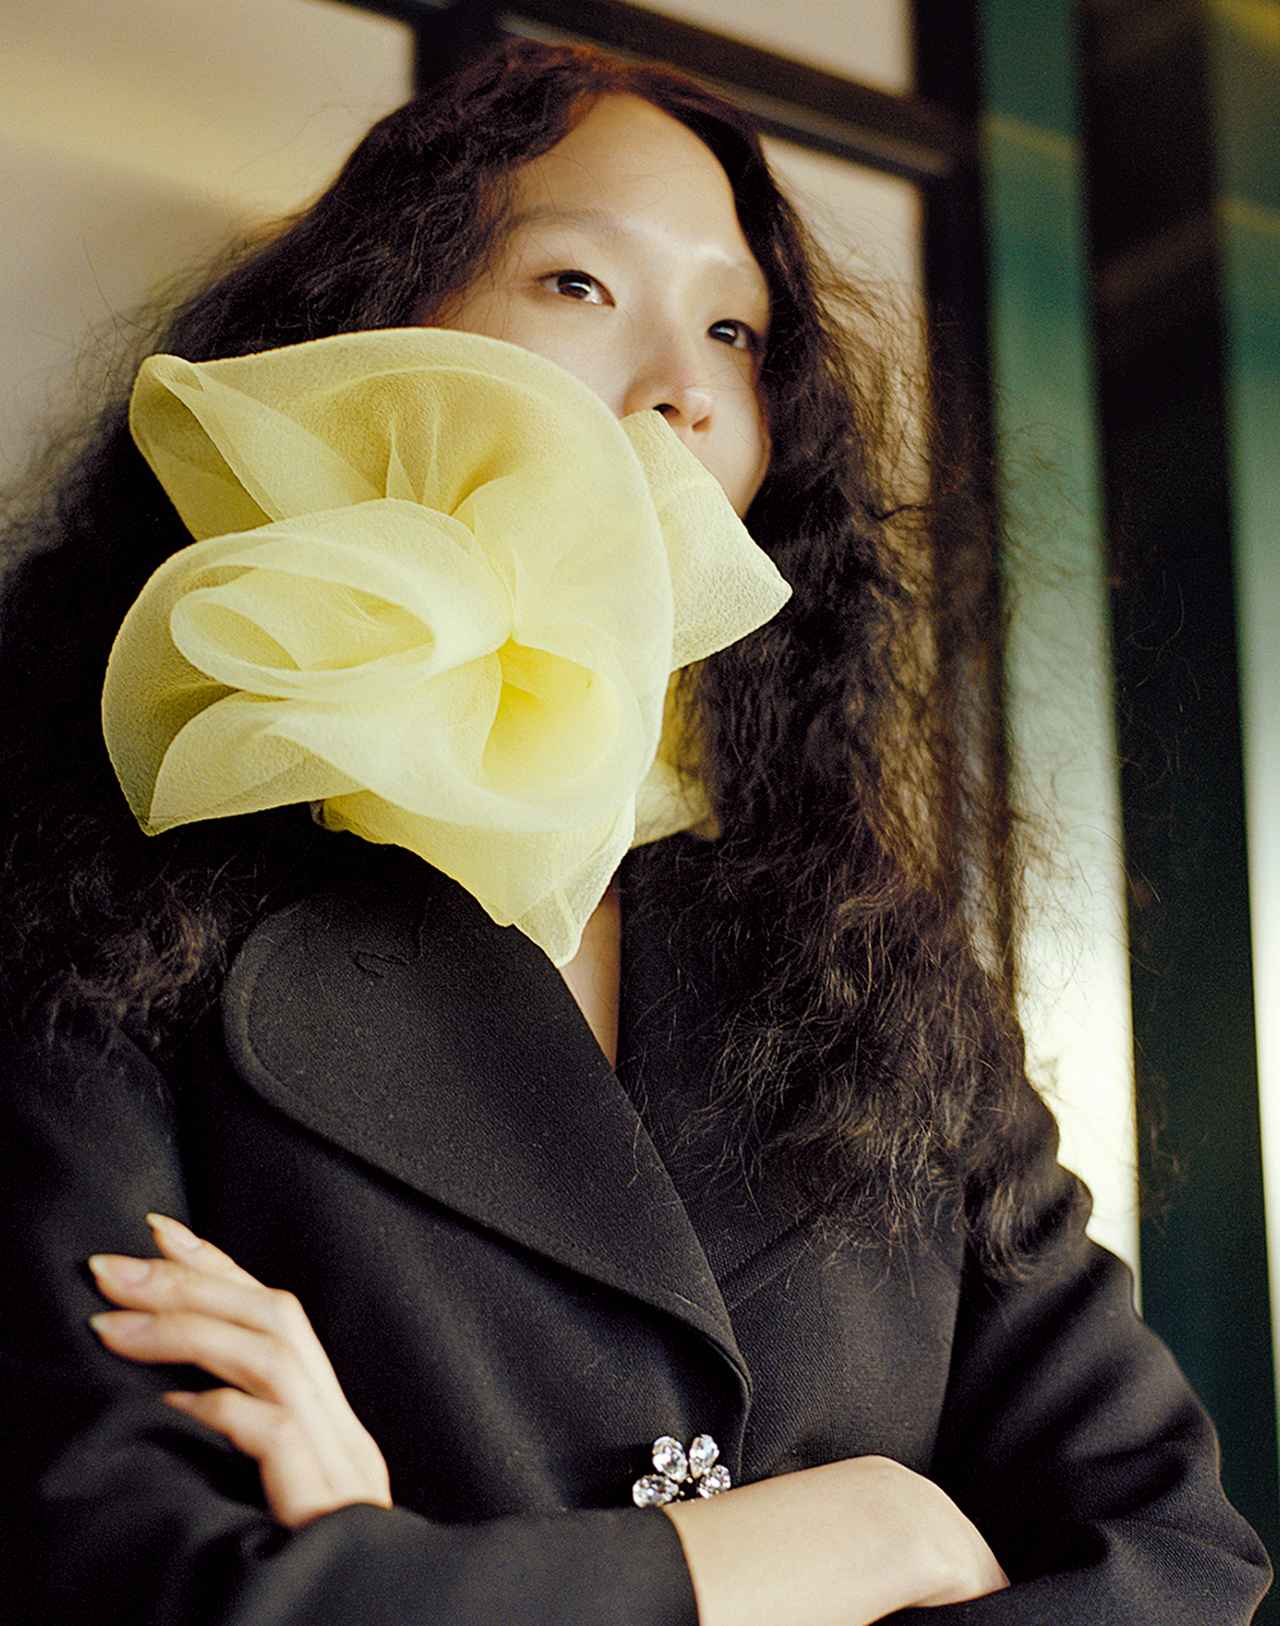 Images : 5番目の画像 - 「日常に華麗なるカオスを。 パワフルに着こなす 「レディ・ライク」」のアルバム - T JAPAN:The New York Times Style Magazine 公式サイト